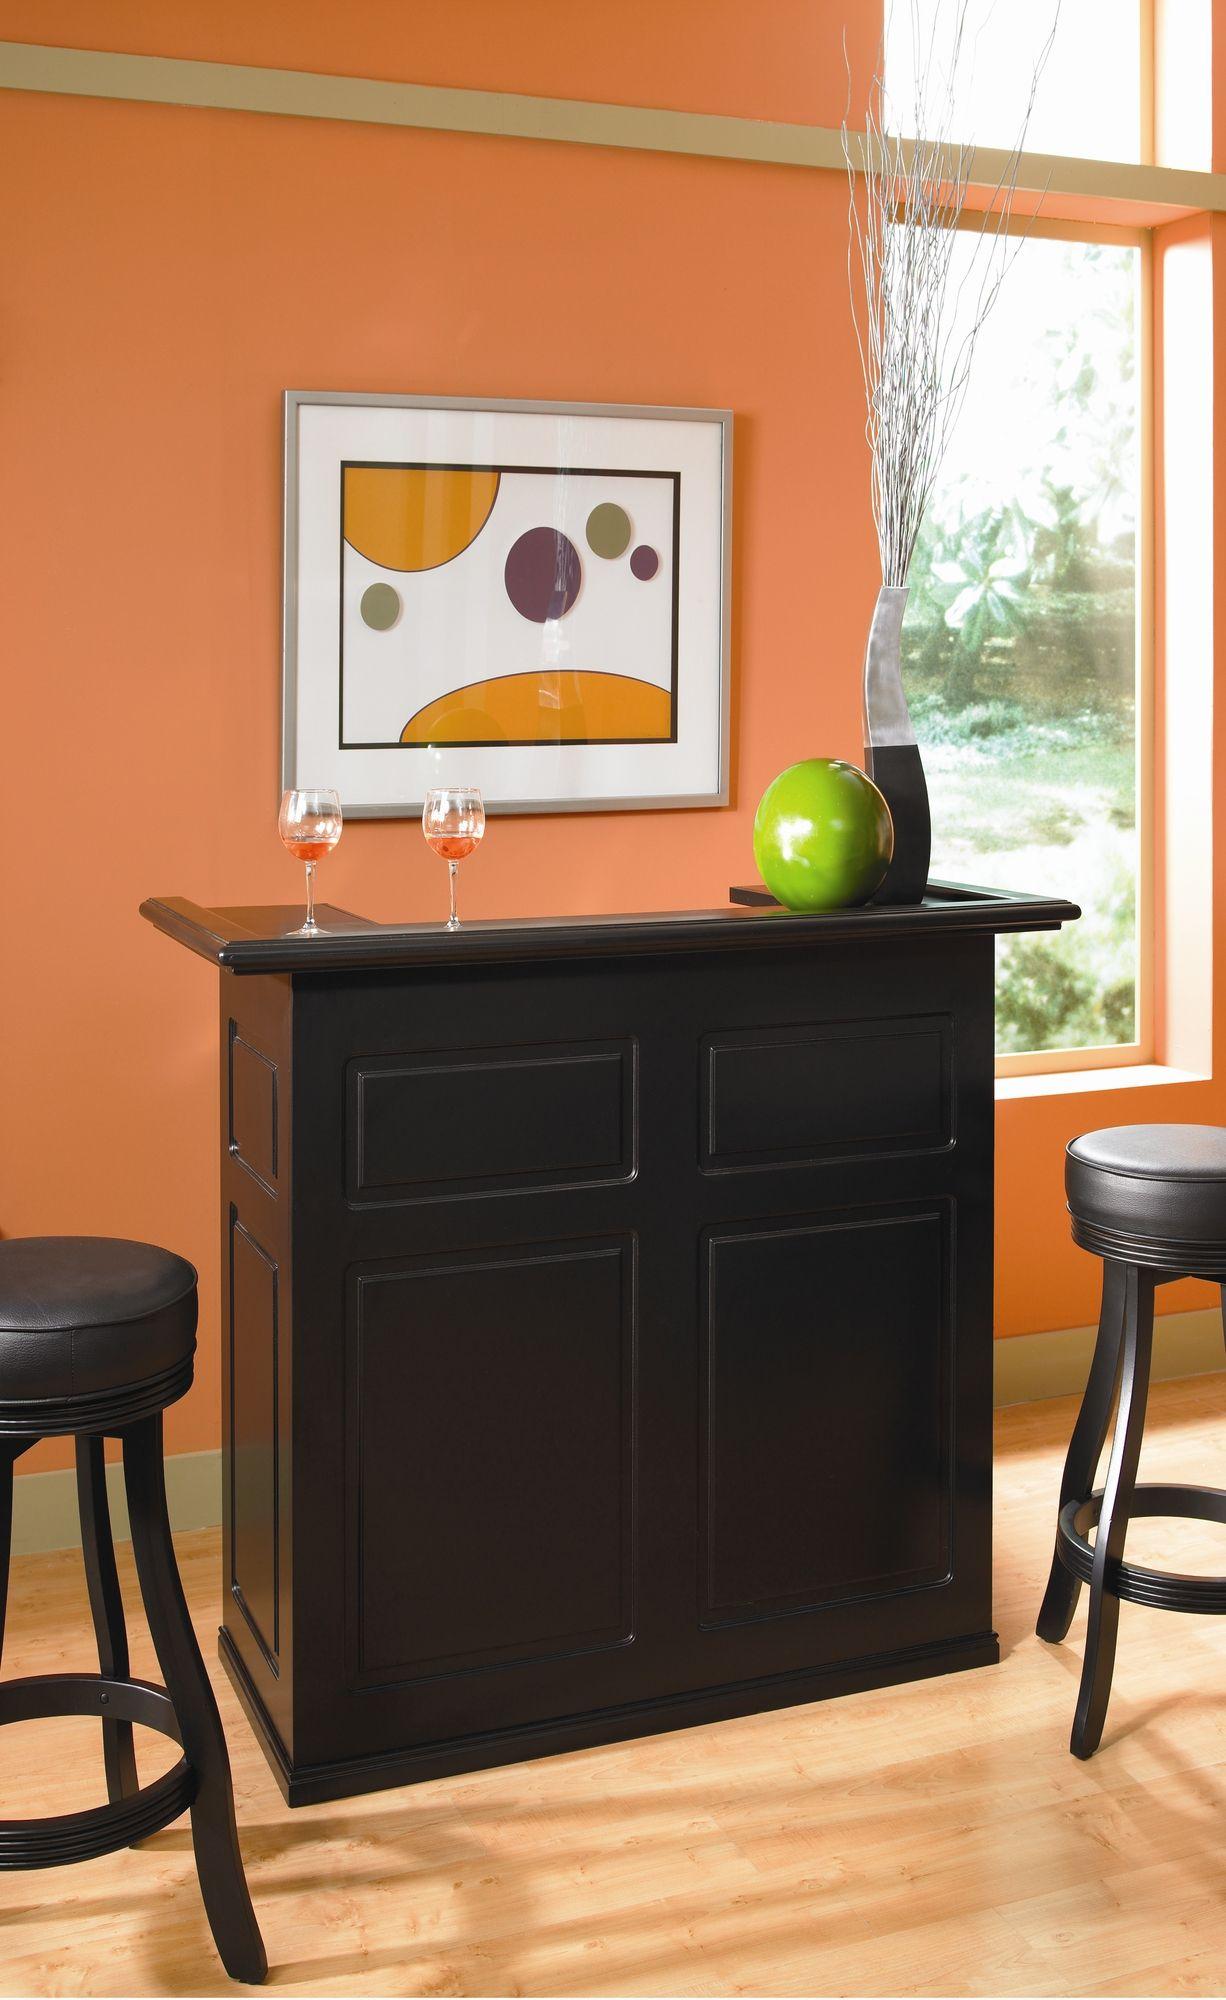 American heritage trenton fridge bar in black wayfair